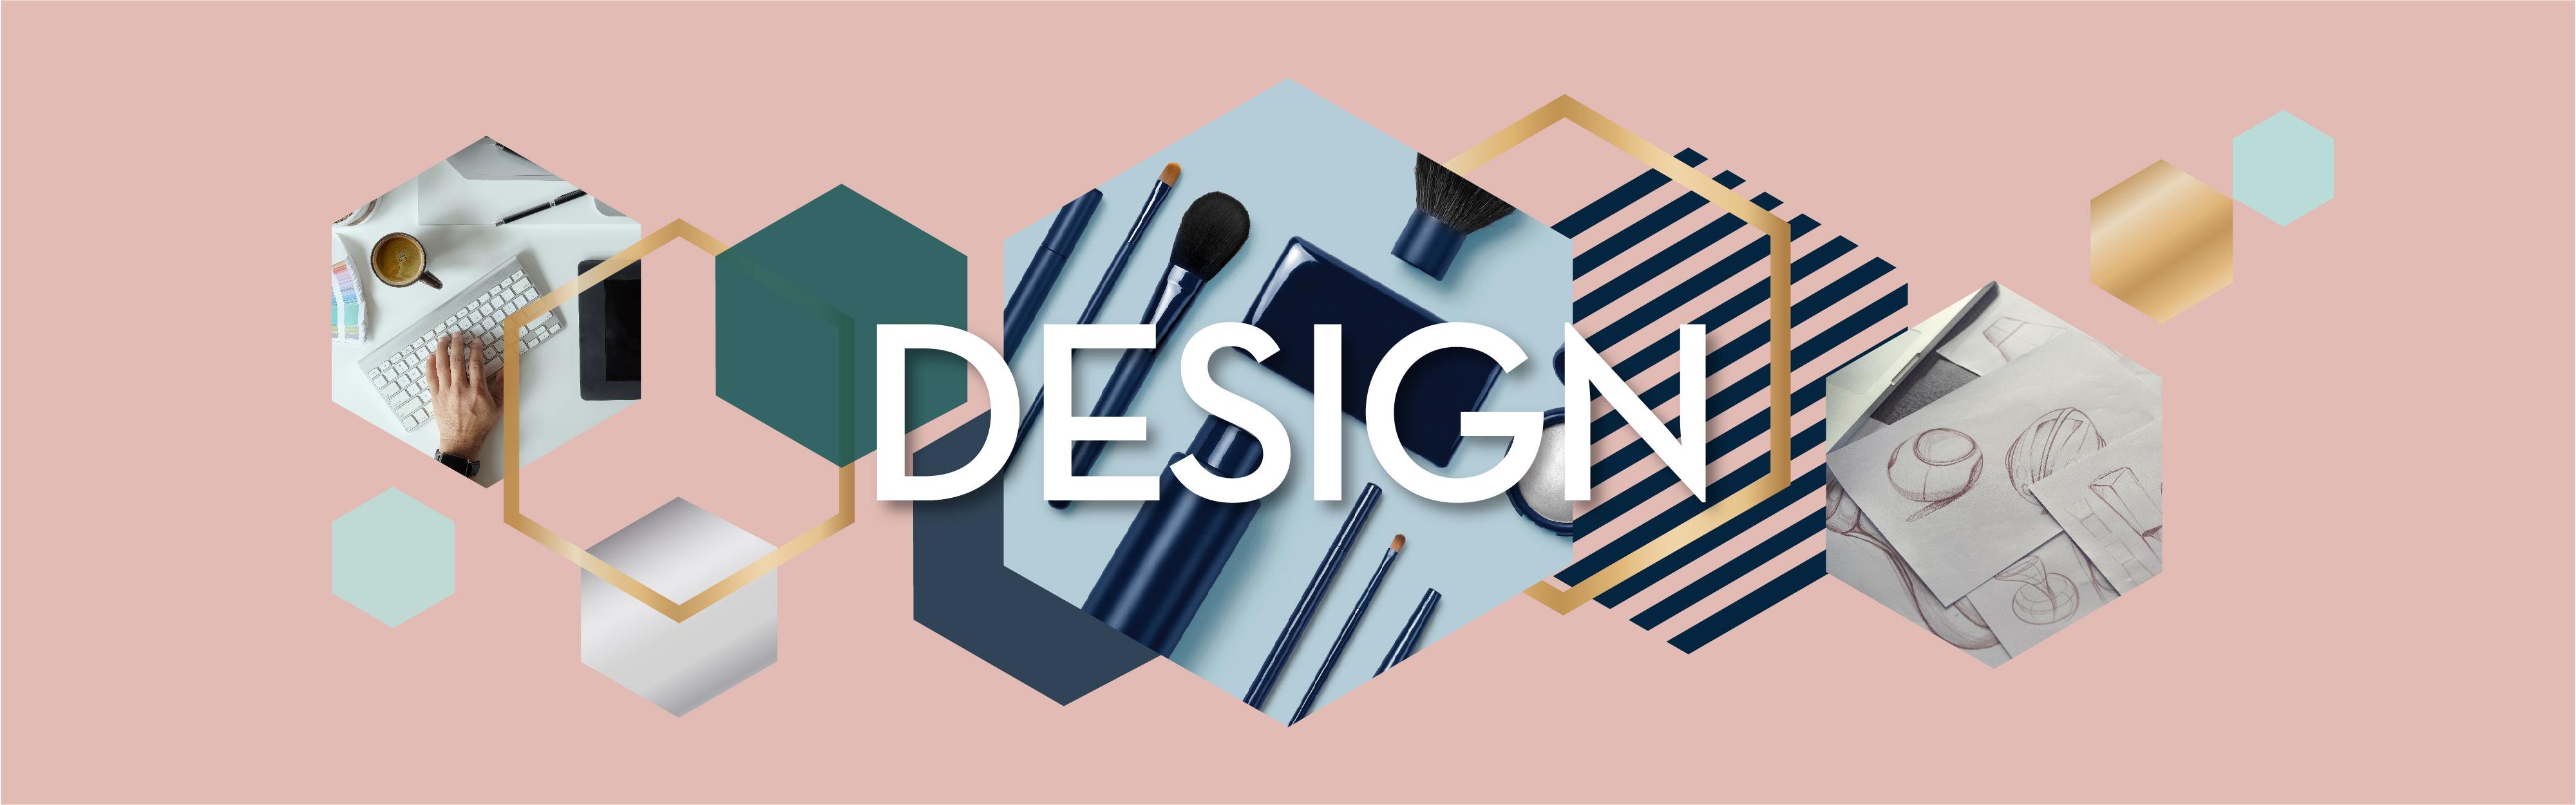 Design - Fasten